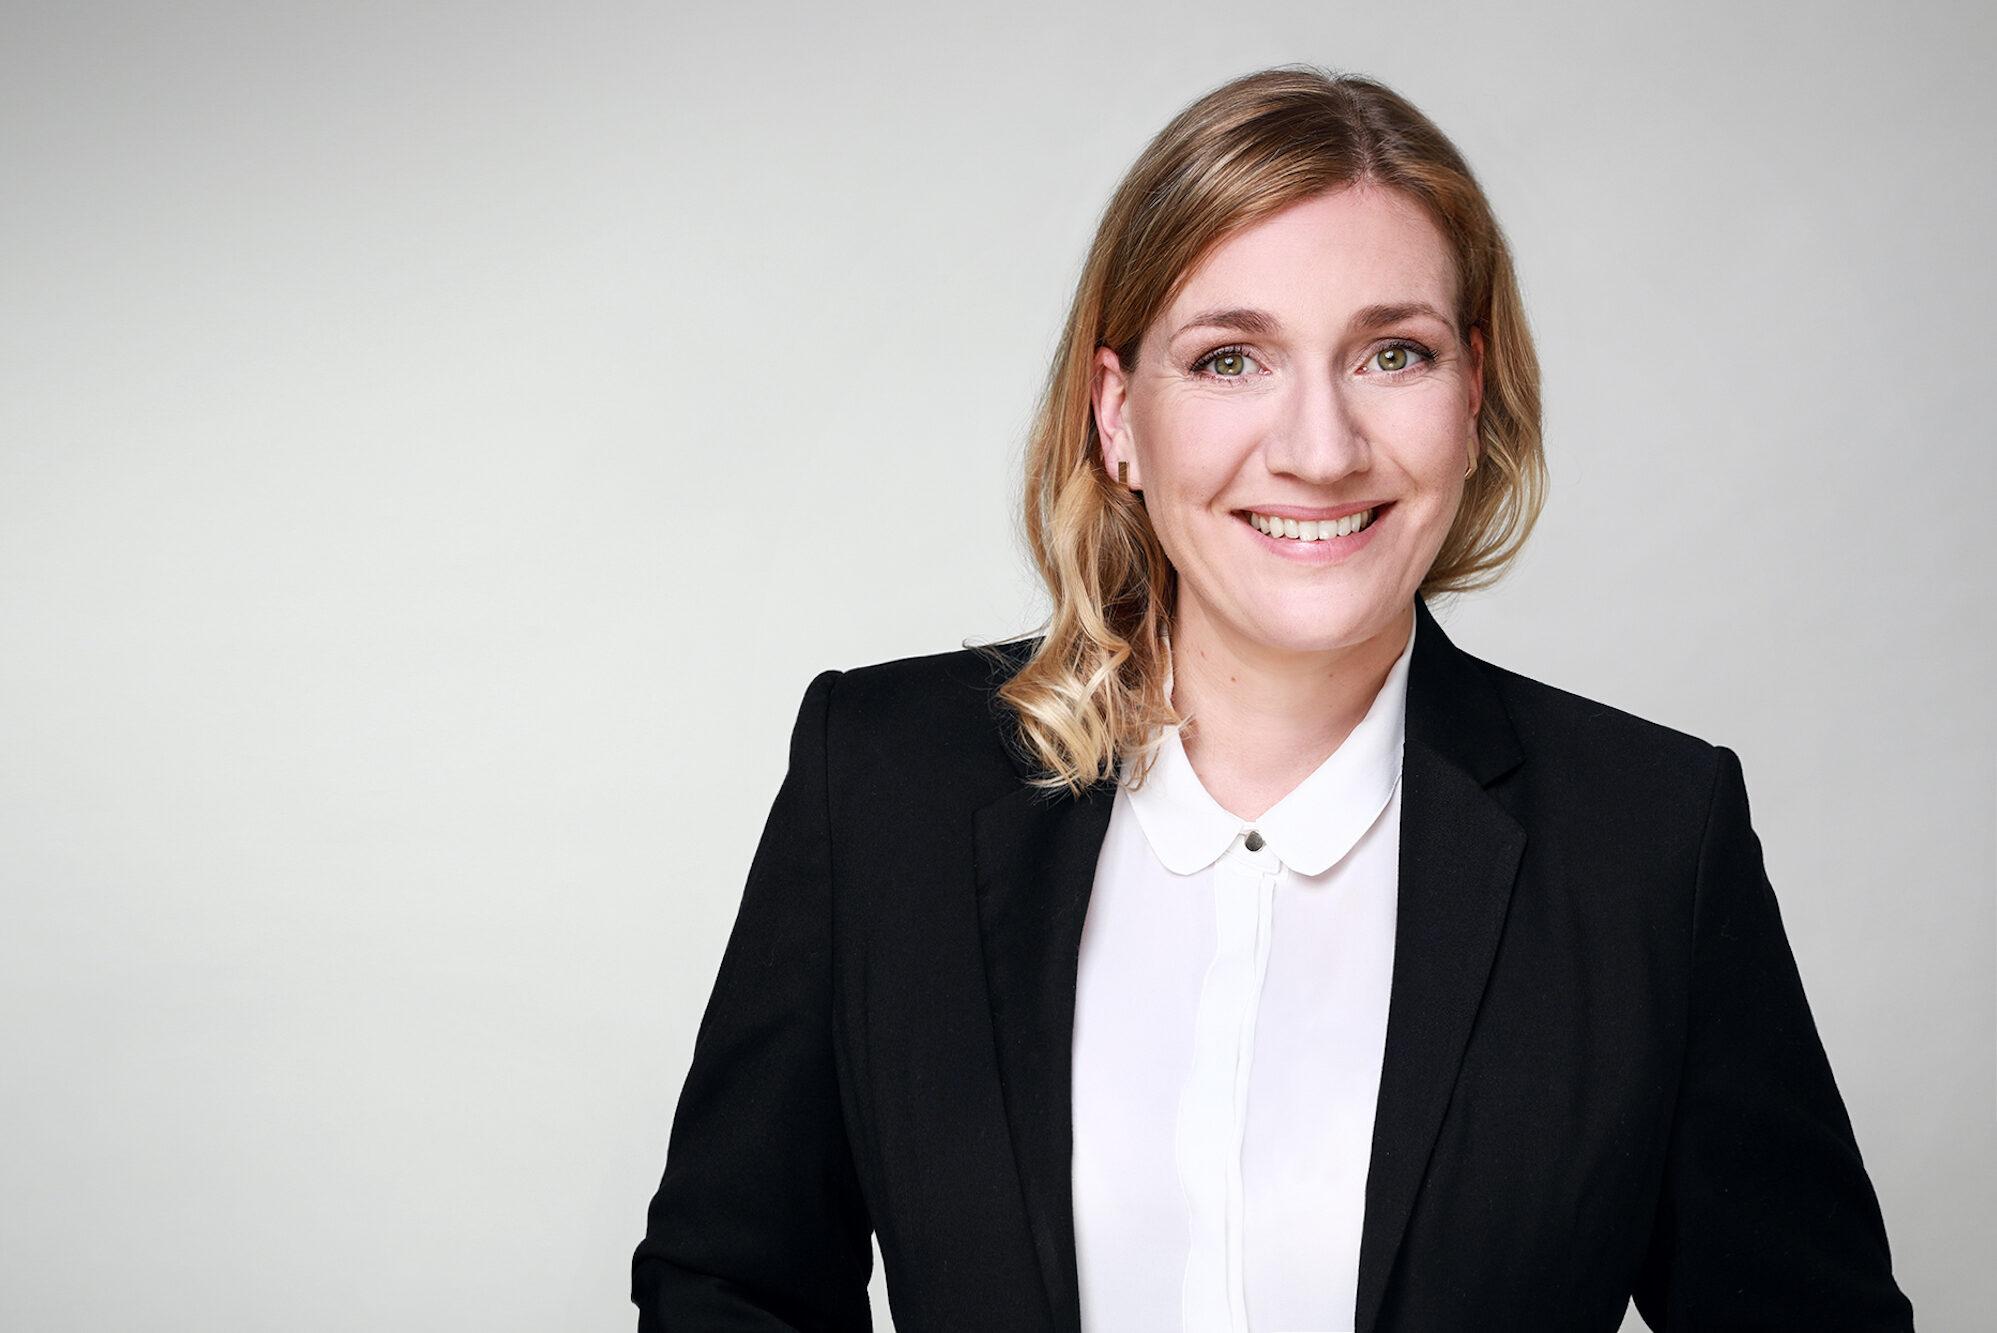 Lara Nass, MBA